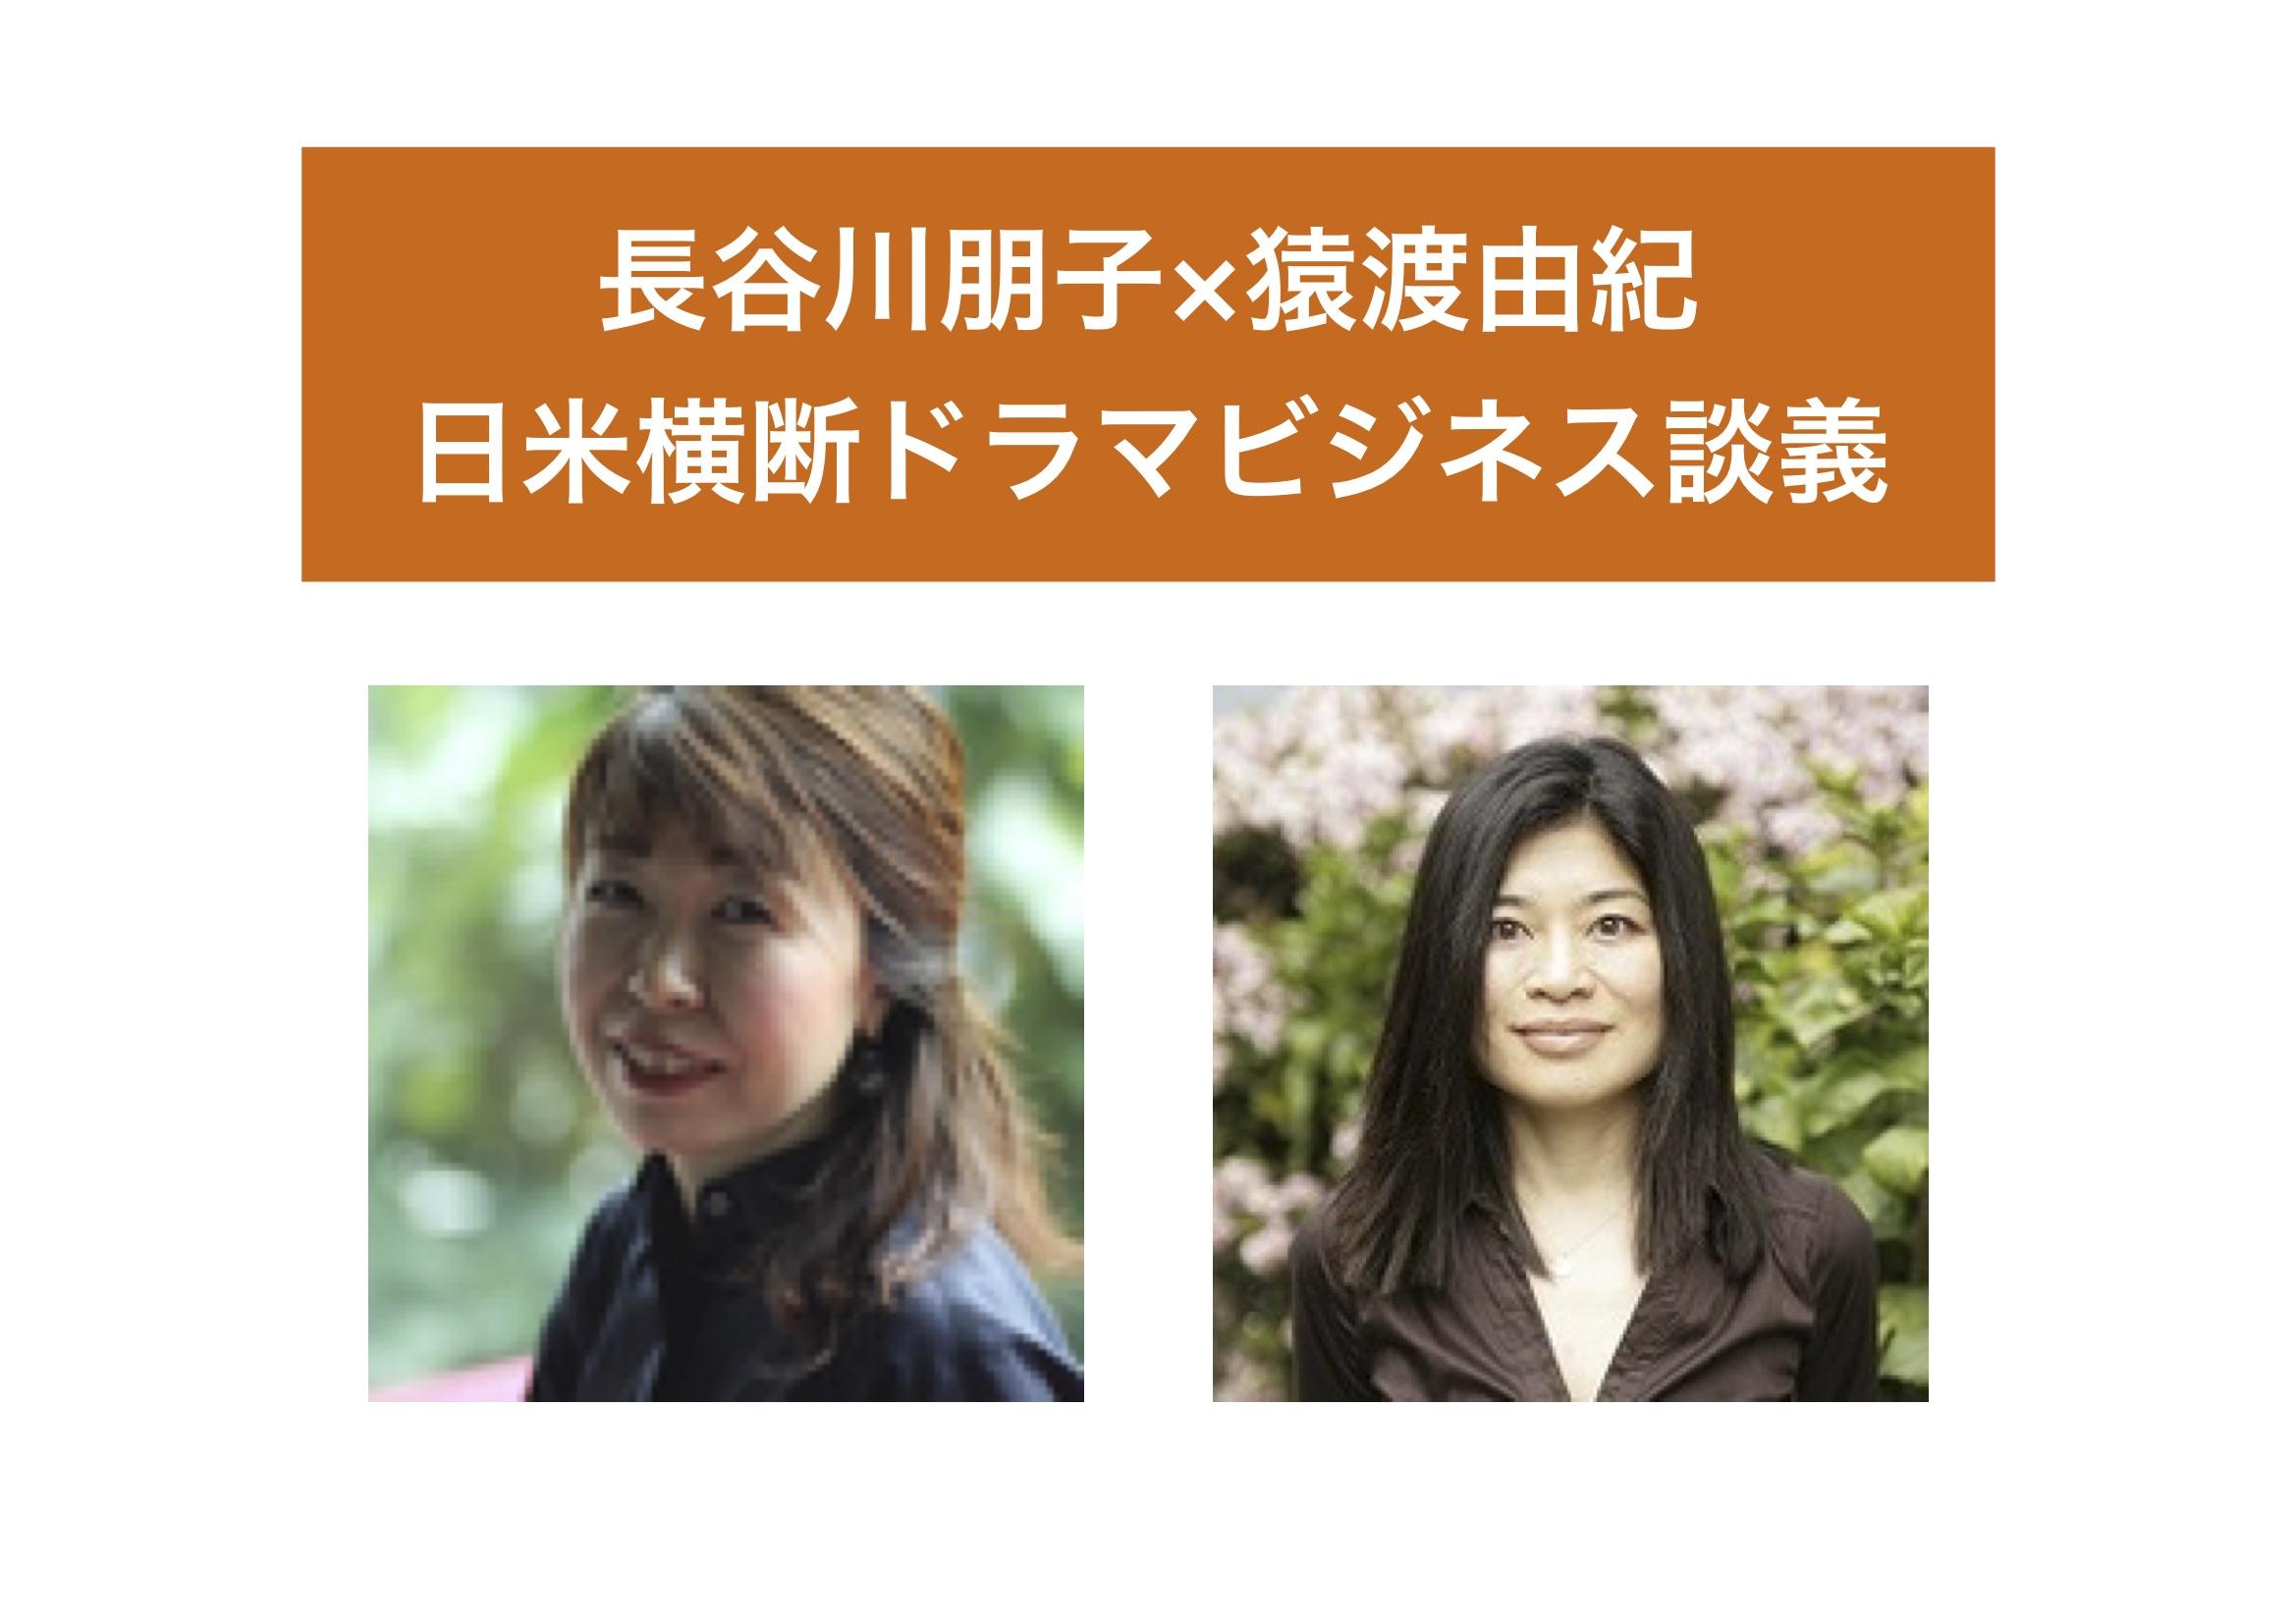 9月のオンライン会合は「日米横断ドラマビジネス談義」